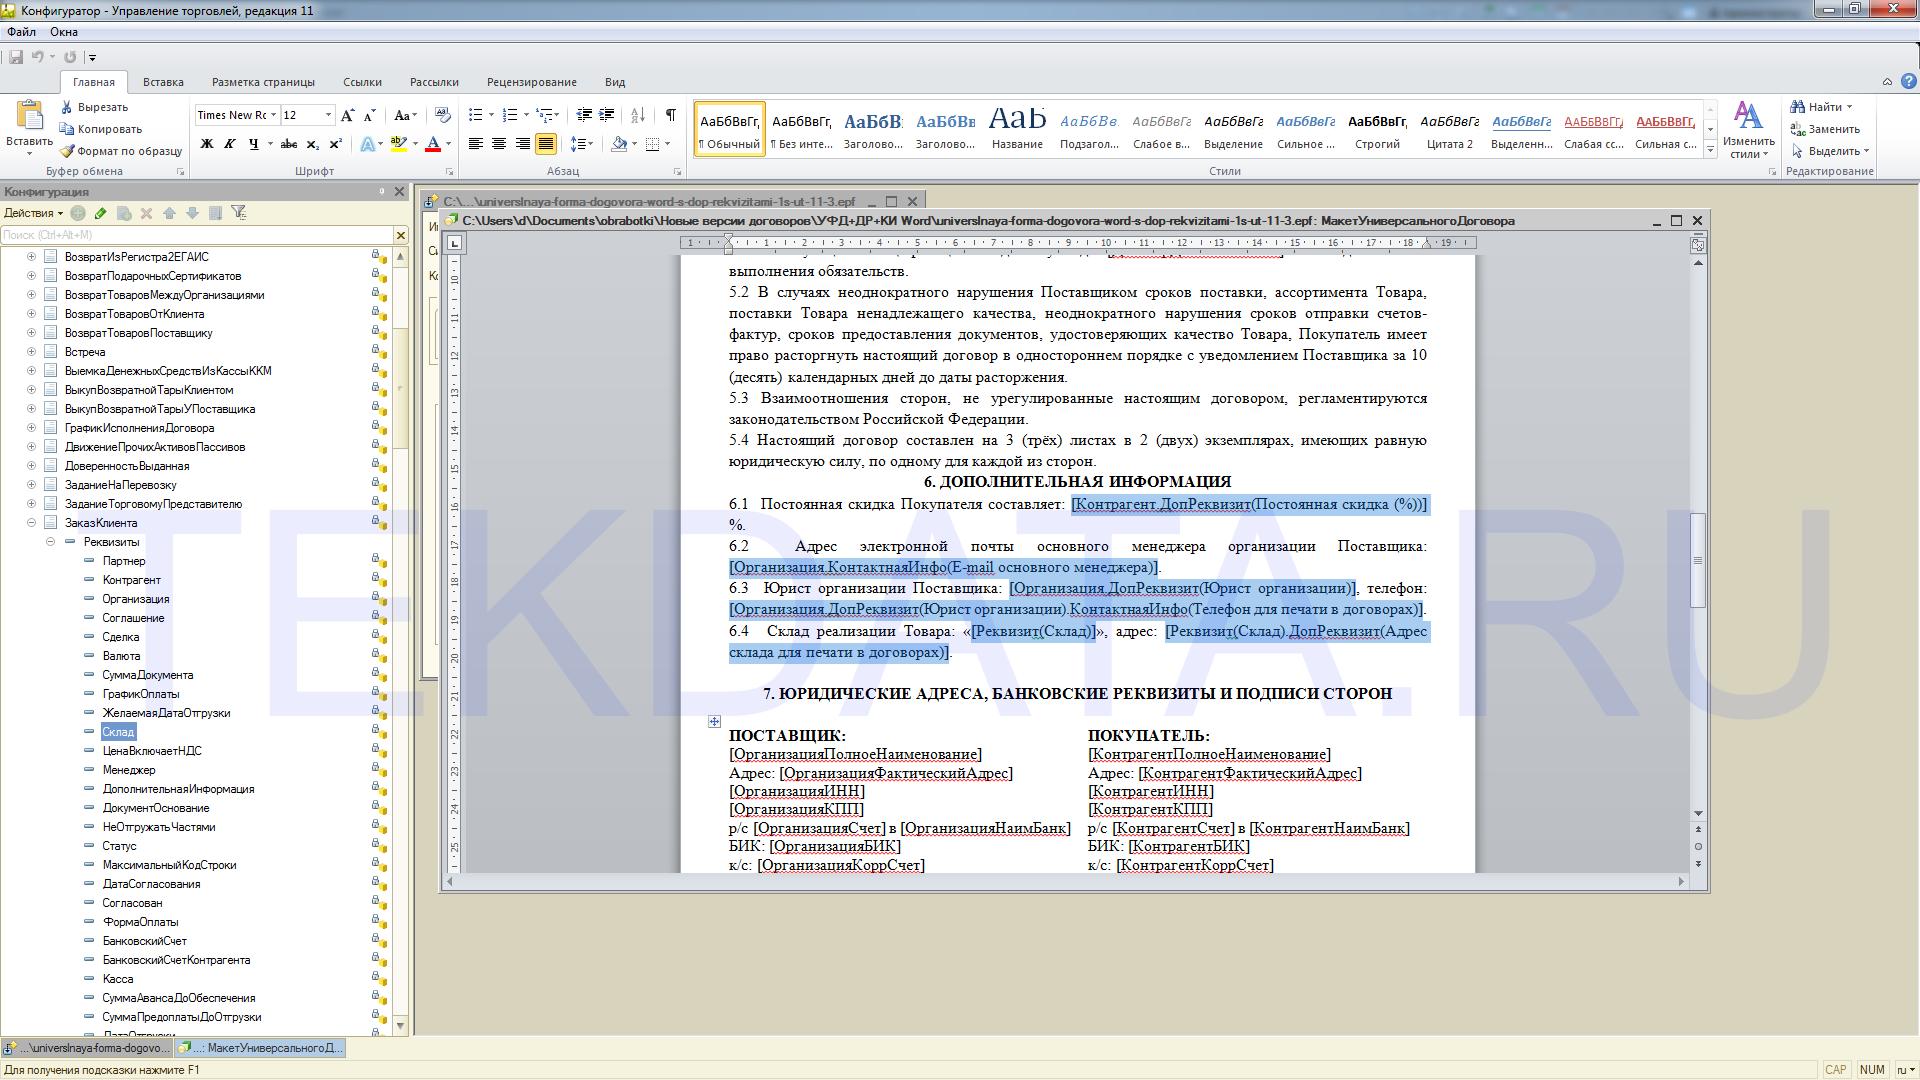 Универсальная печатная форма договора в формате Word для 1С:УТ 11.4 (внешняя обработка *.epf) | tekdata.ru